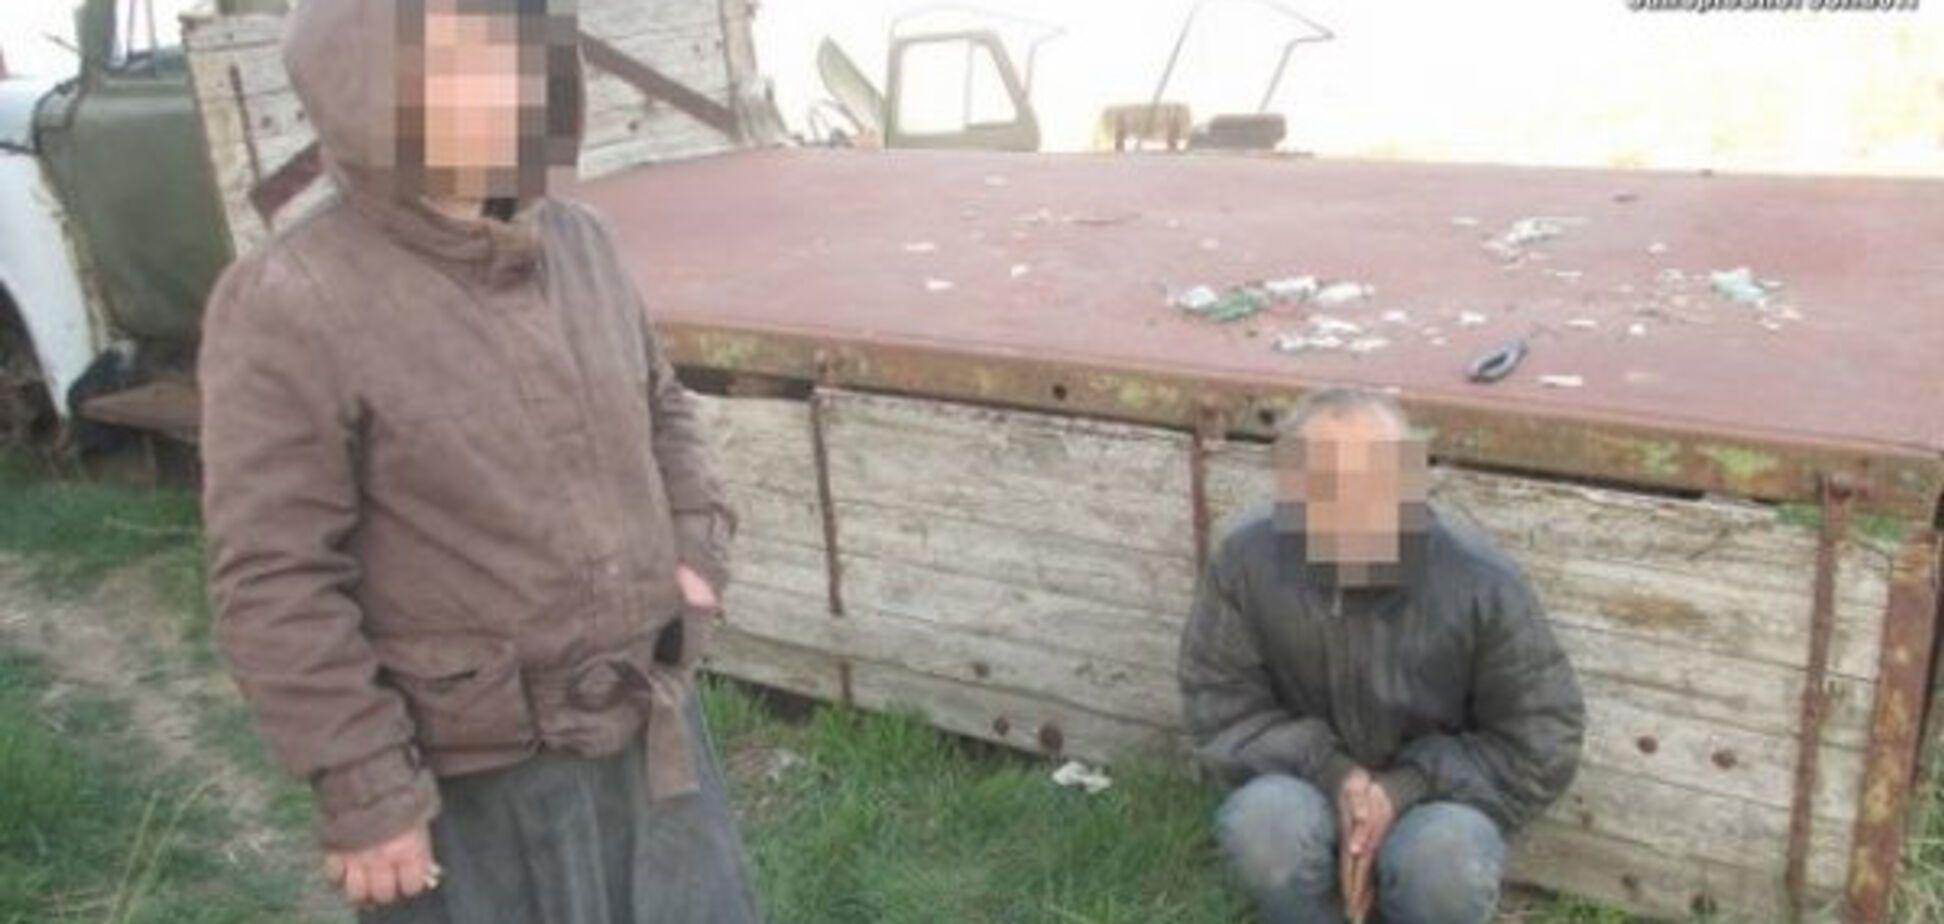 Мелитопольский коллекционер: в области фермер удерживал семейную пару в заброшенном ангаре (ФОТО)